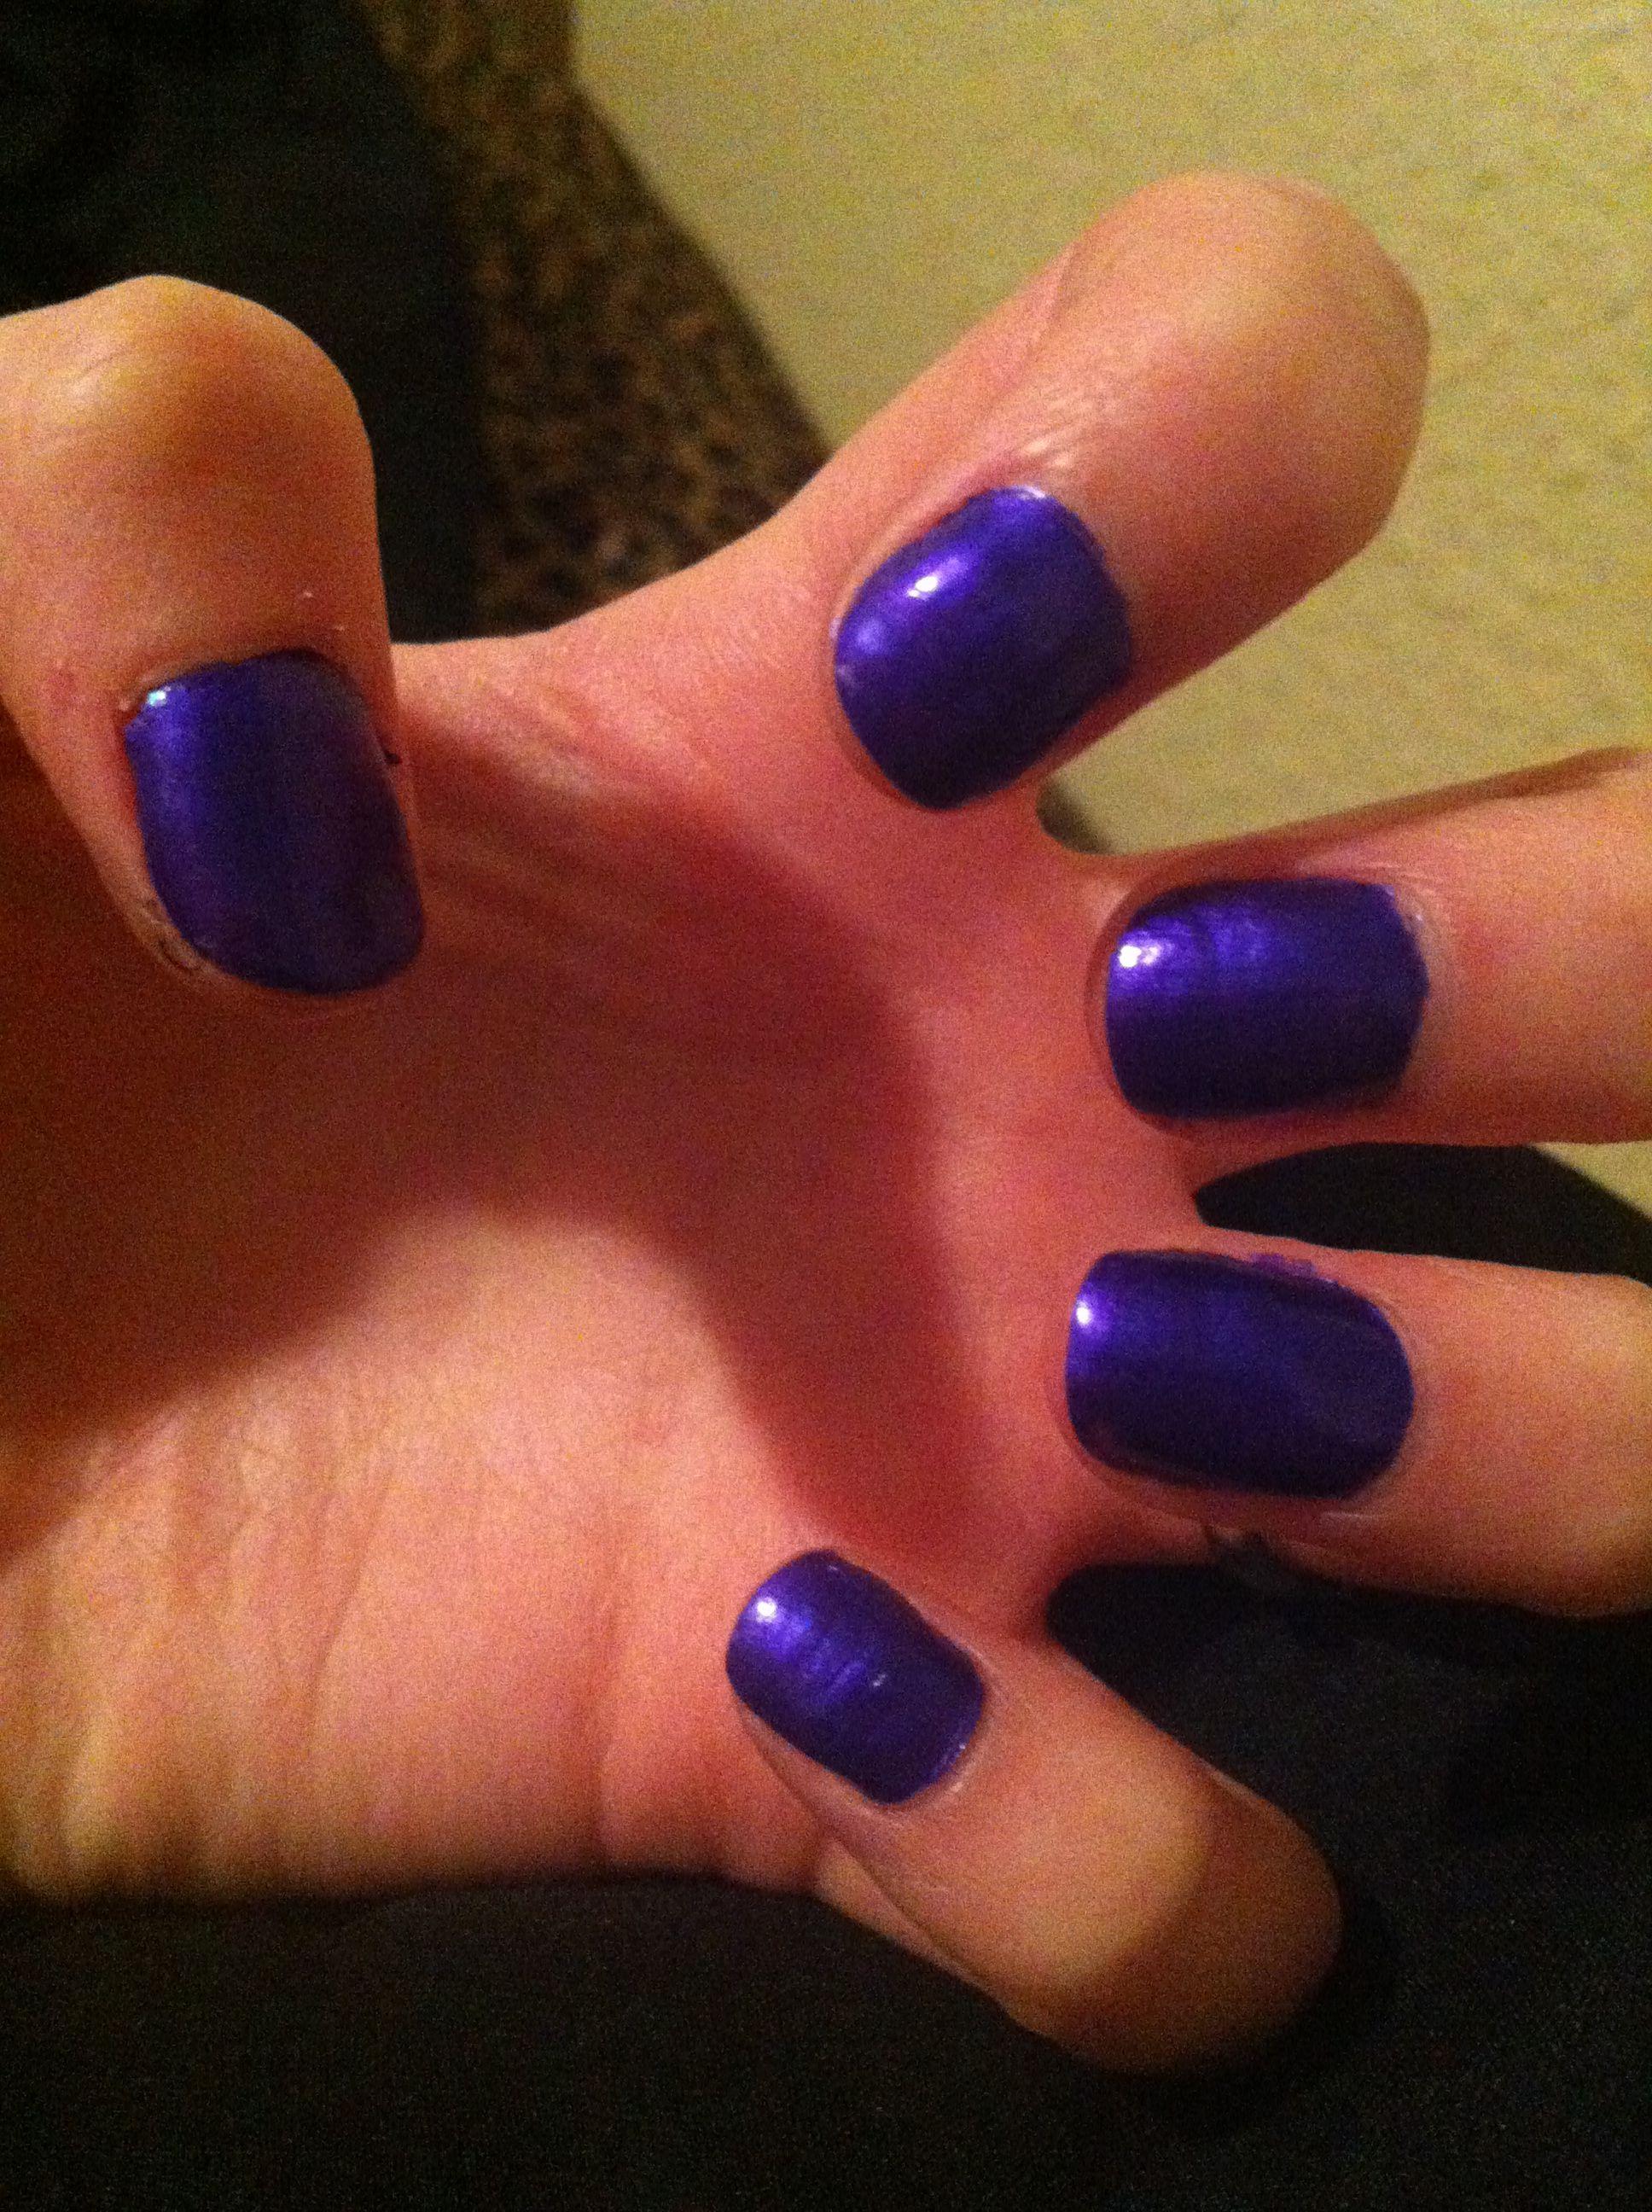 Purpleeeee!